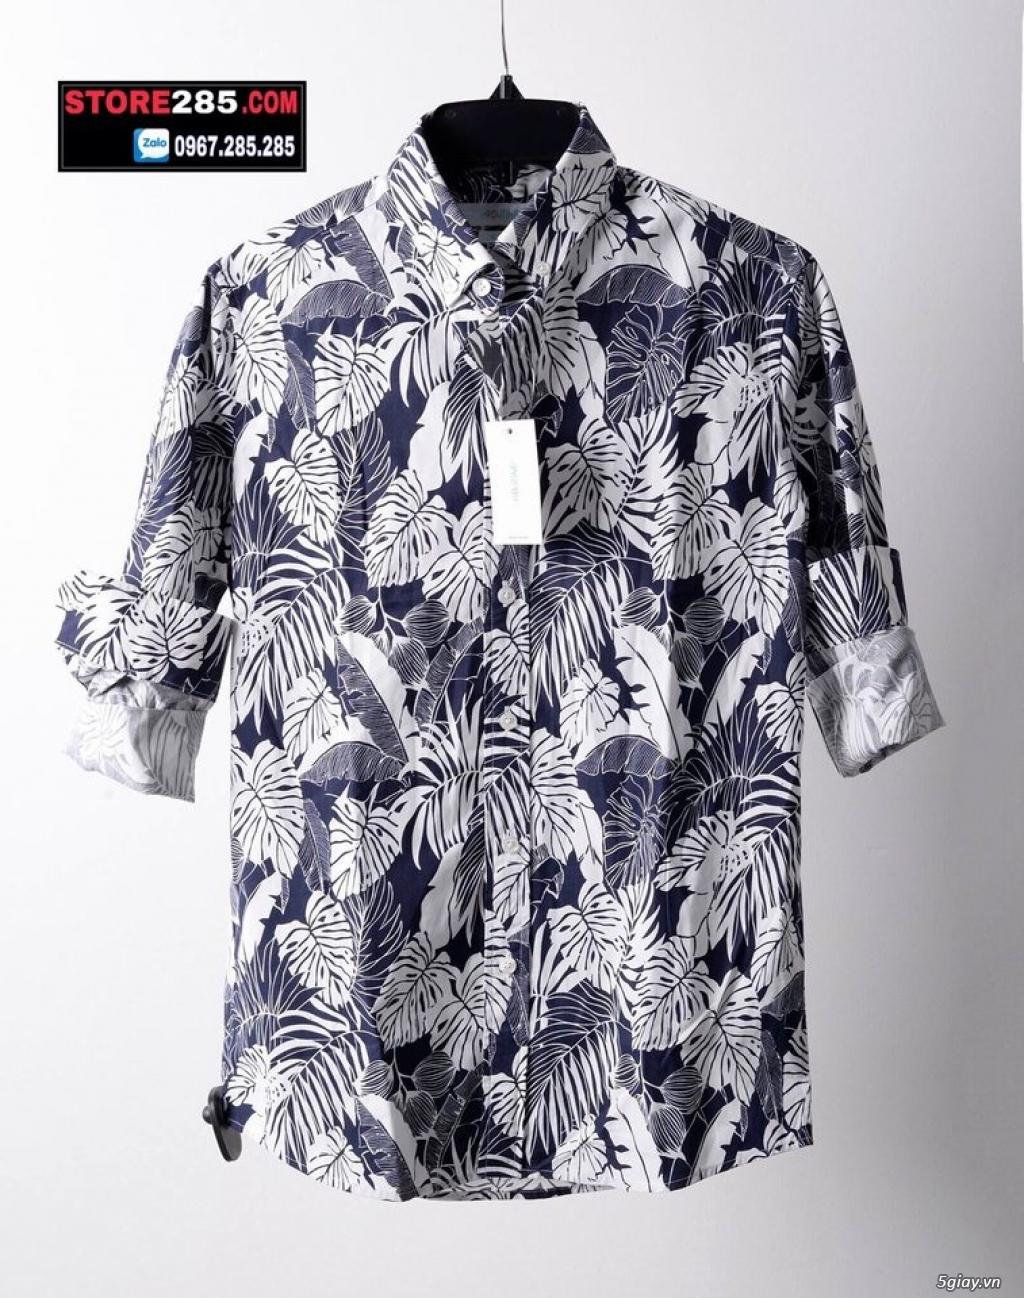 STORE285 - Thời trang VNXK: Áo thun, áo sơ mi,... đơn giản phù hợp mọi đối tượng giá chỉ 150k - 280k - 41